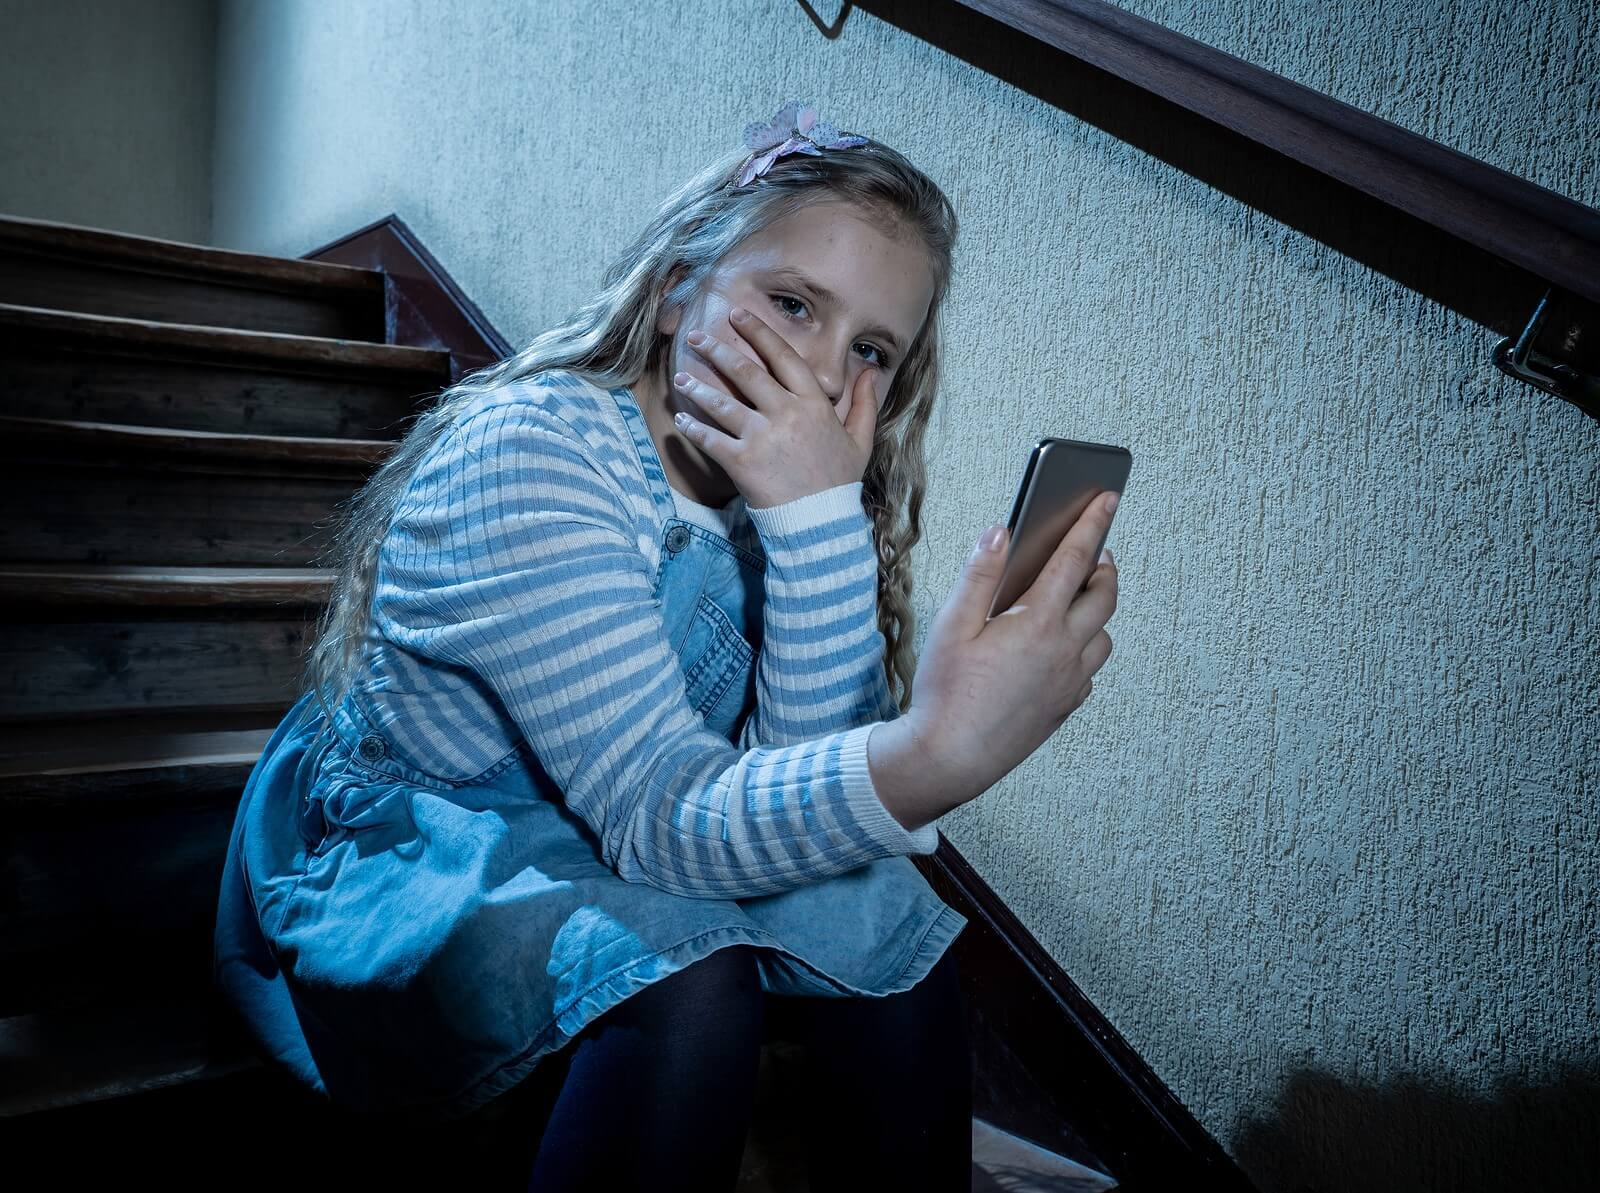 כל הורה צריך לדאוג: סכנות שאורבות לילדים ברשת